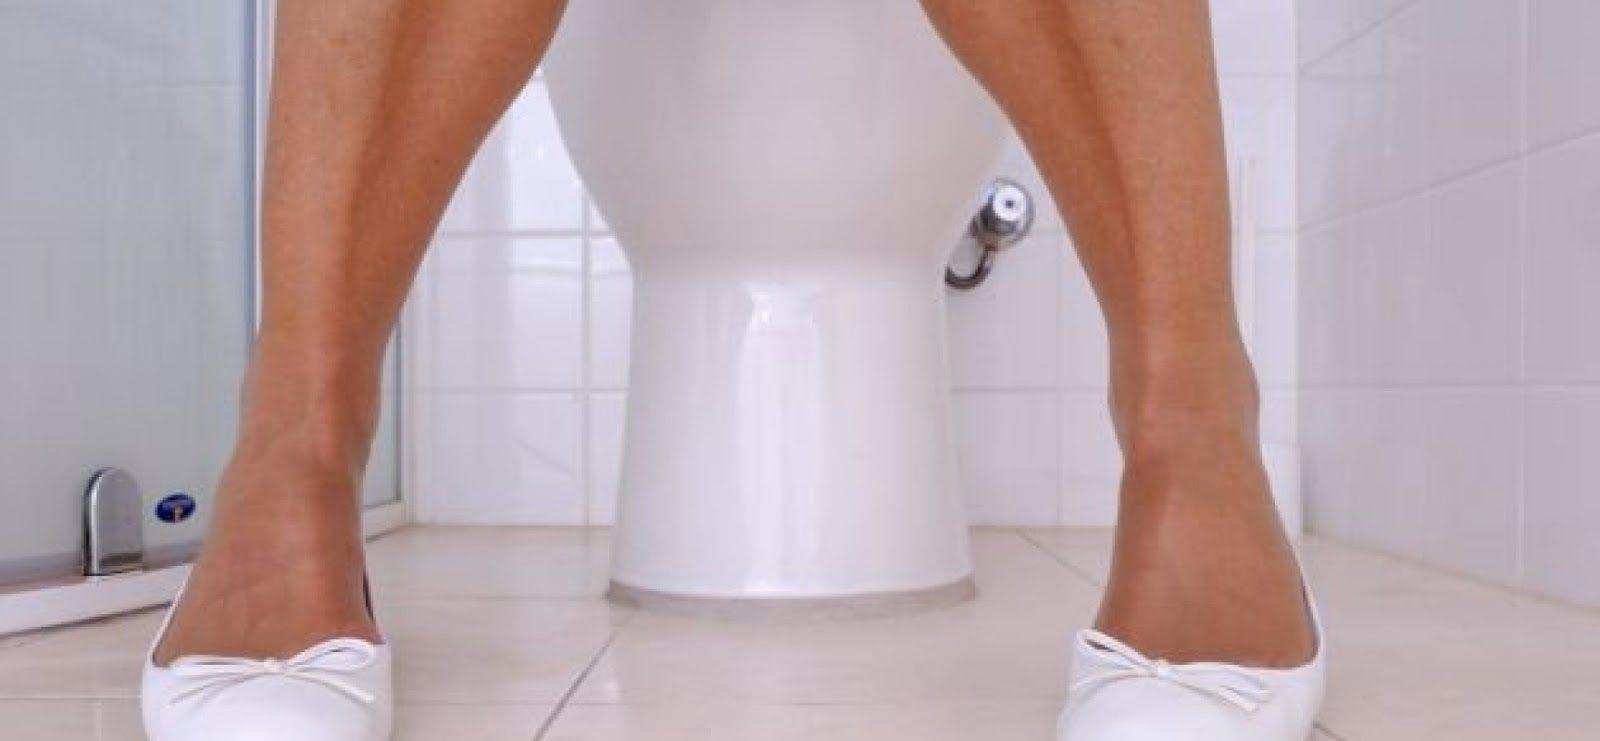 Stitichezza cronica causa e consigli utili - Andare spesso in bagno a defecare ...